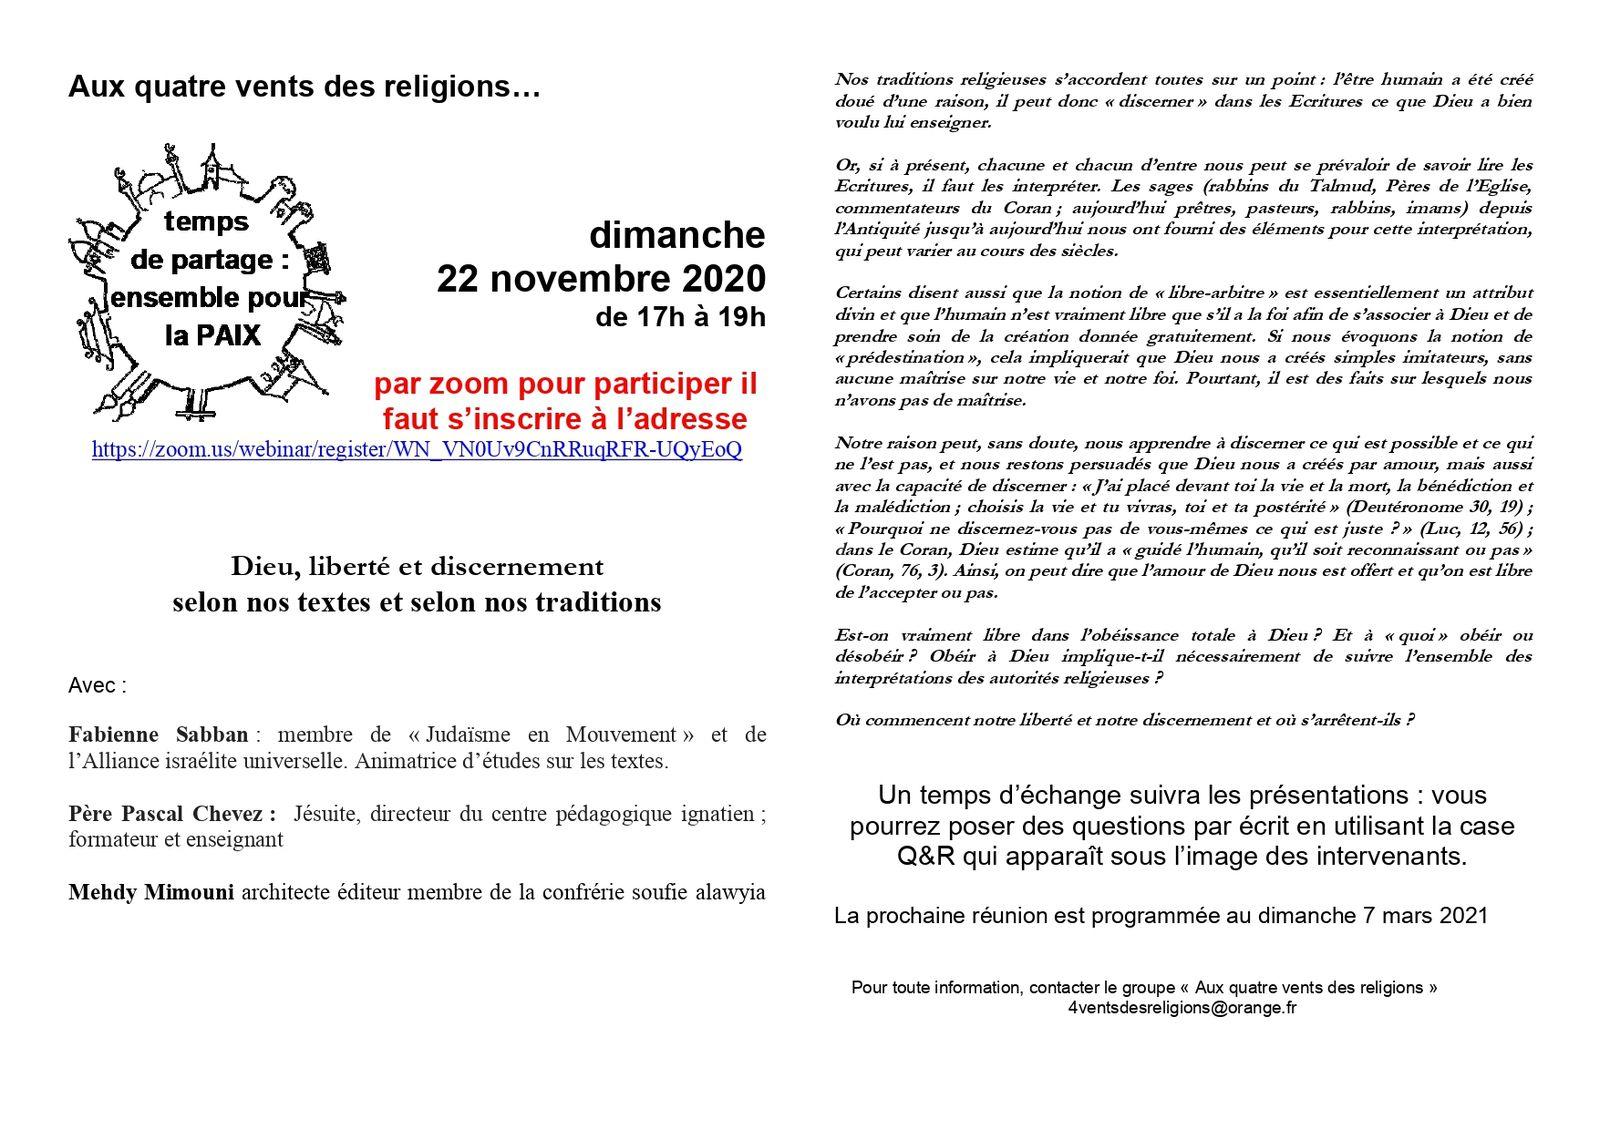 SERIC 2020, 22 novembre, 75000, Paris : Dieu, liberté et discernement